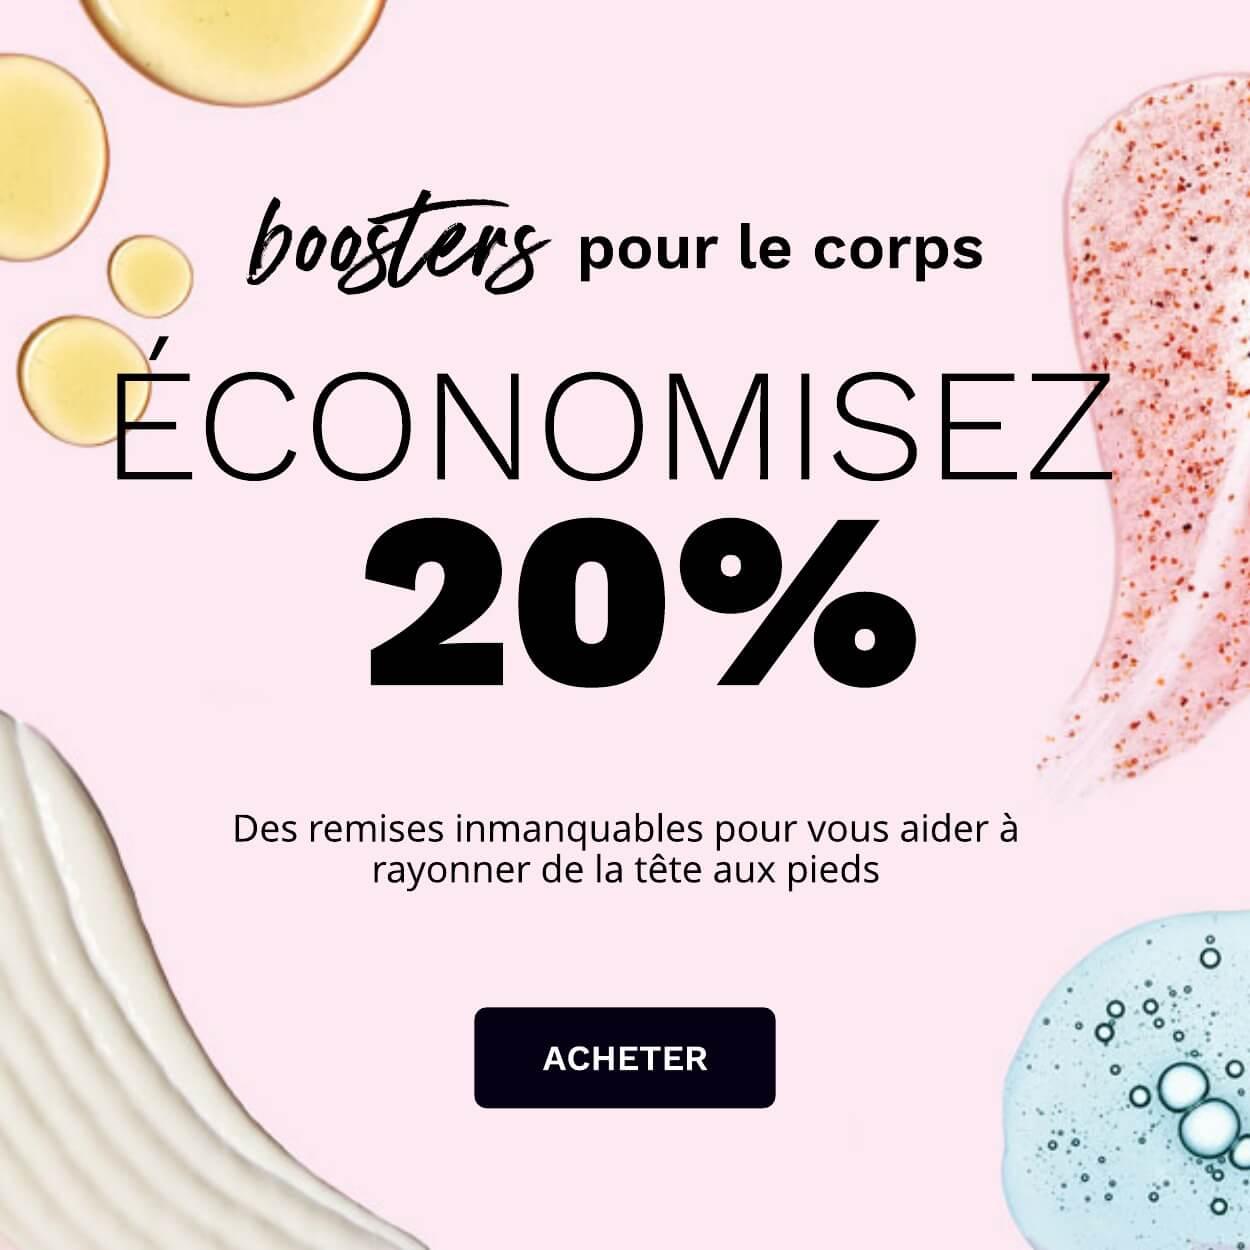 Boosters pour le corps: Economisez 20%